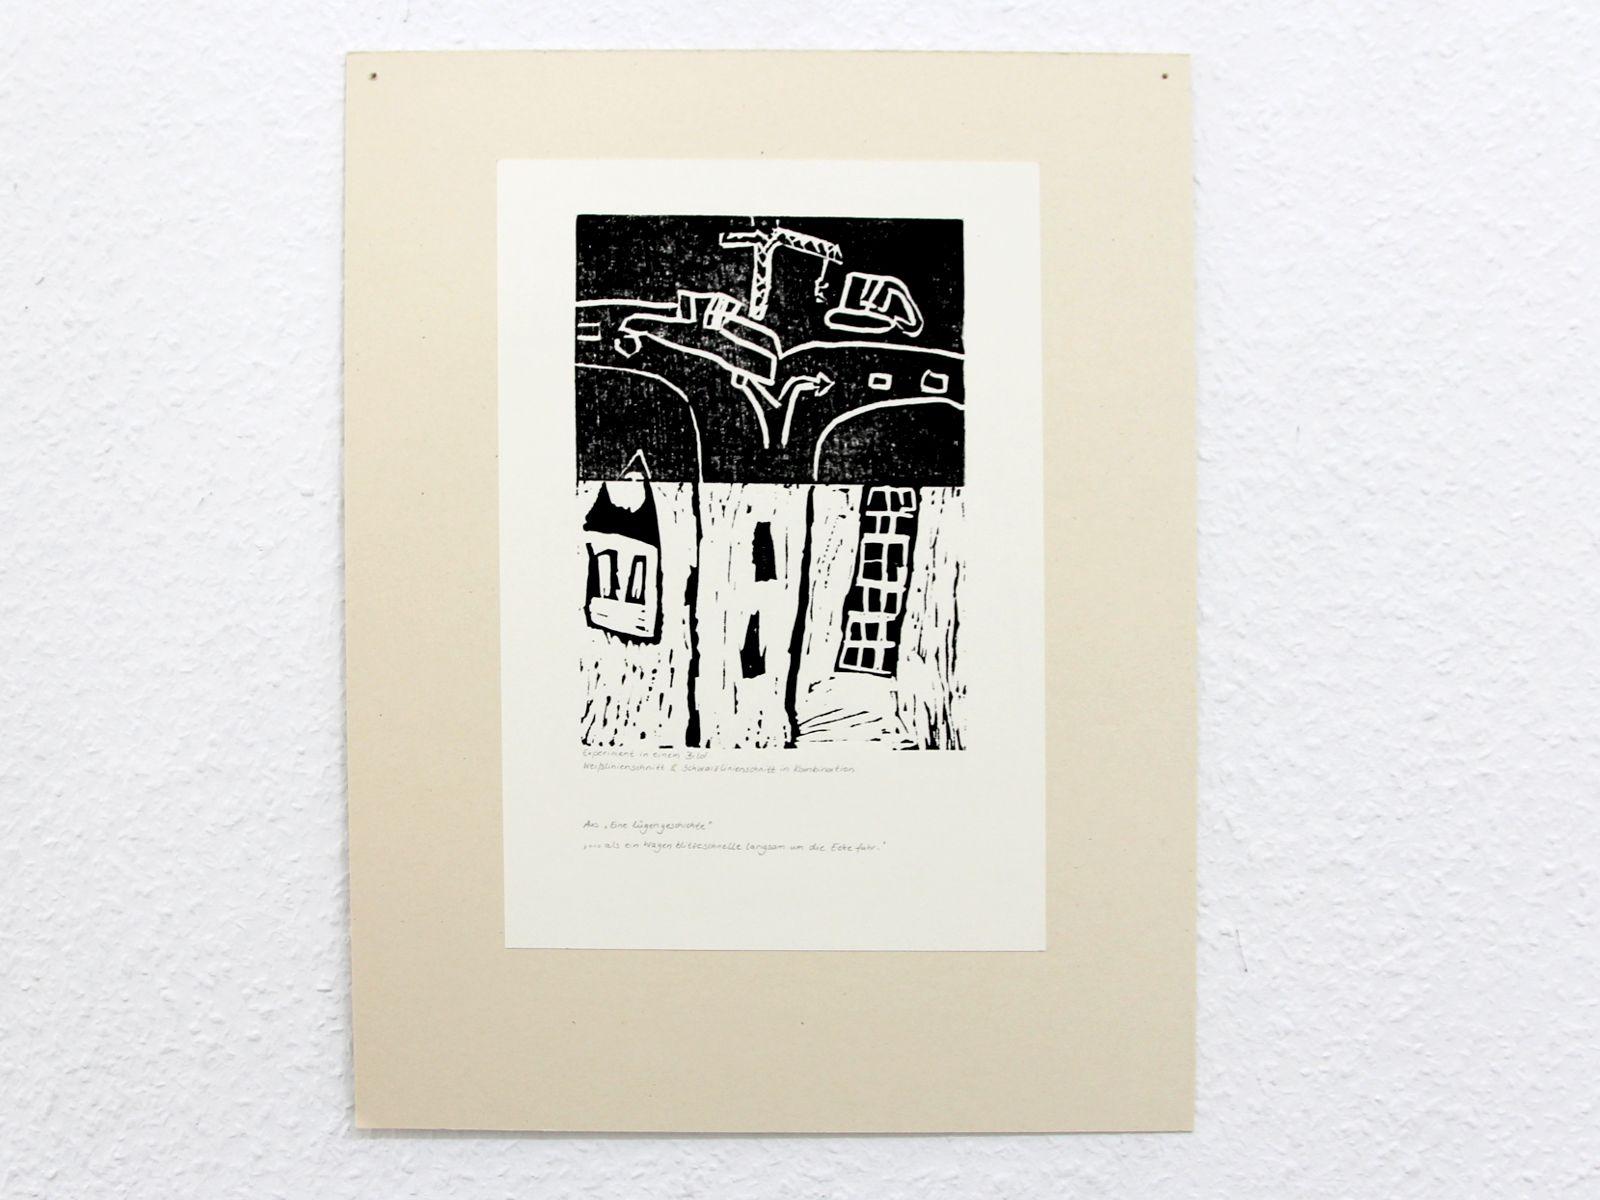 Kunstgespuer Kinderatelier-Ausstellung-Fantasievolle-Druckgrafik-Plastik Luegengeschichte 5